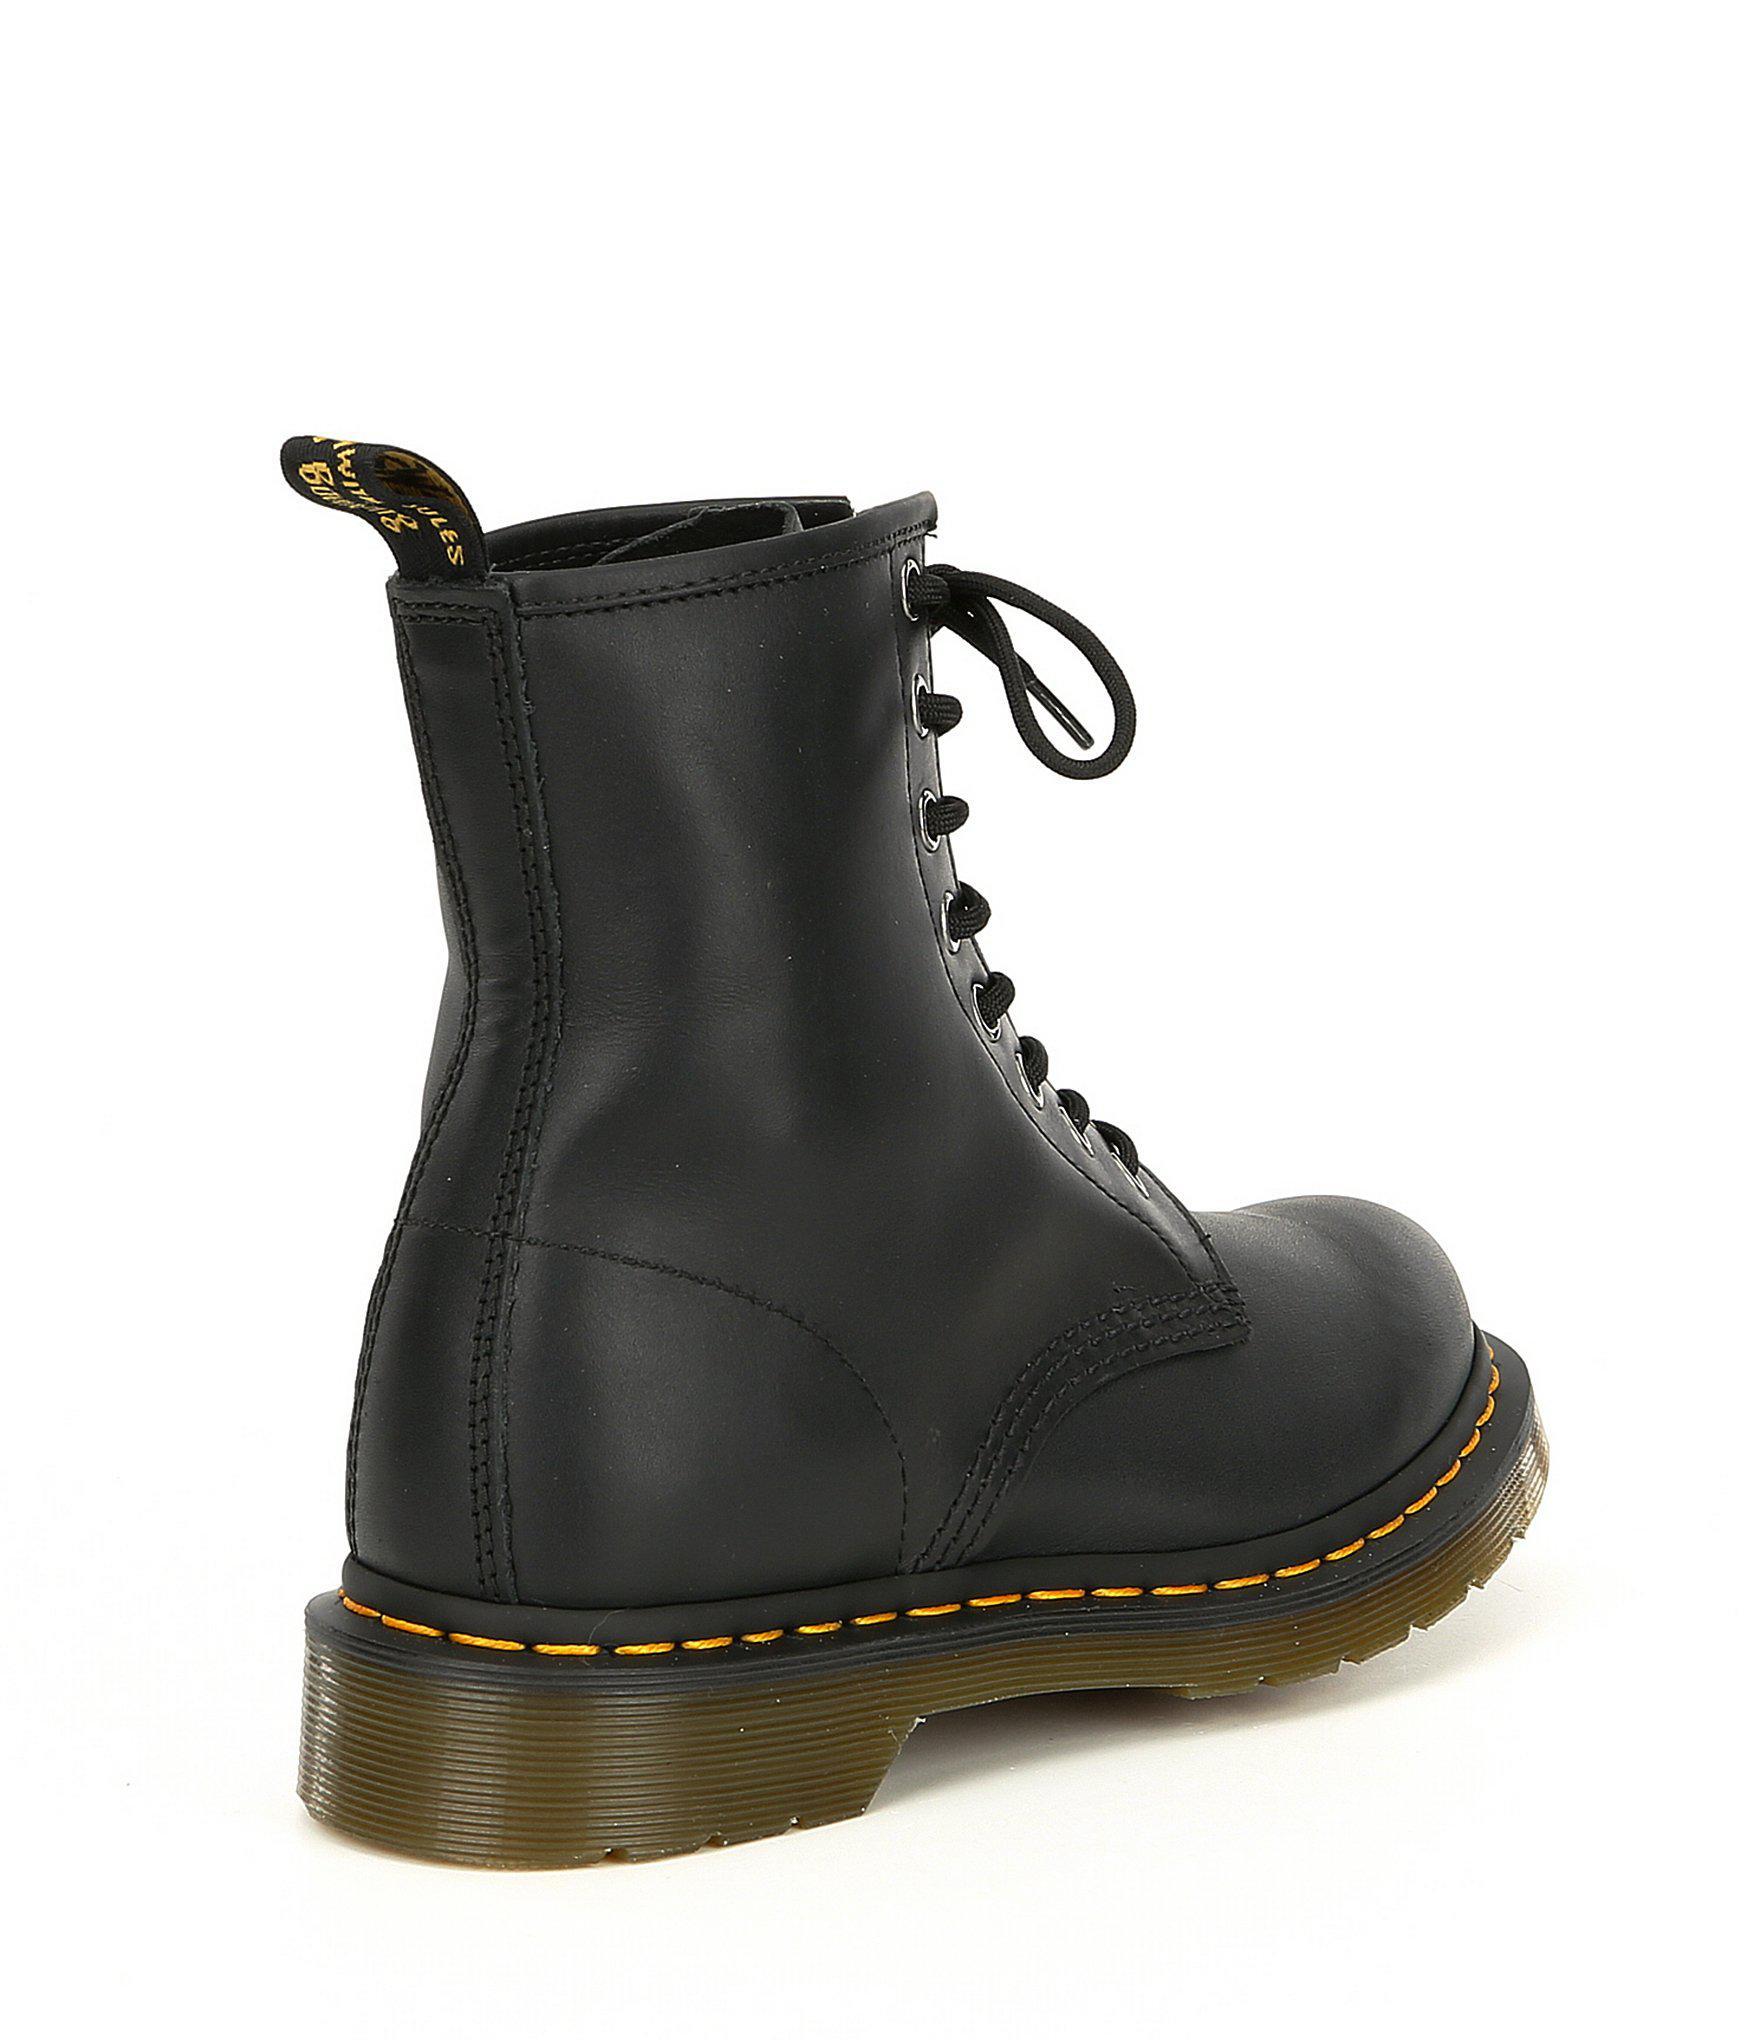 c5f51a59c1d Women's 1460 Black Nappa Combat Boots